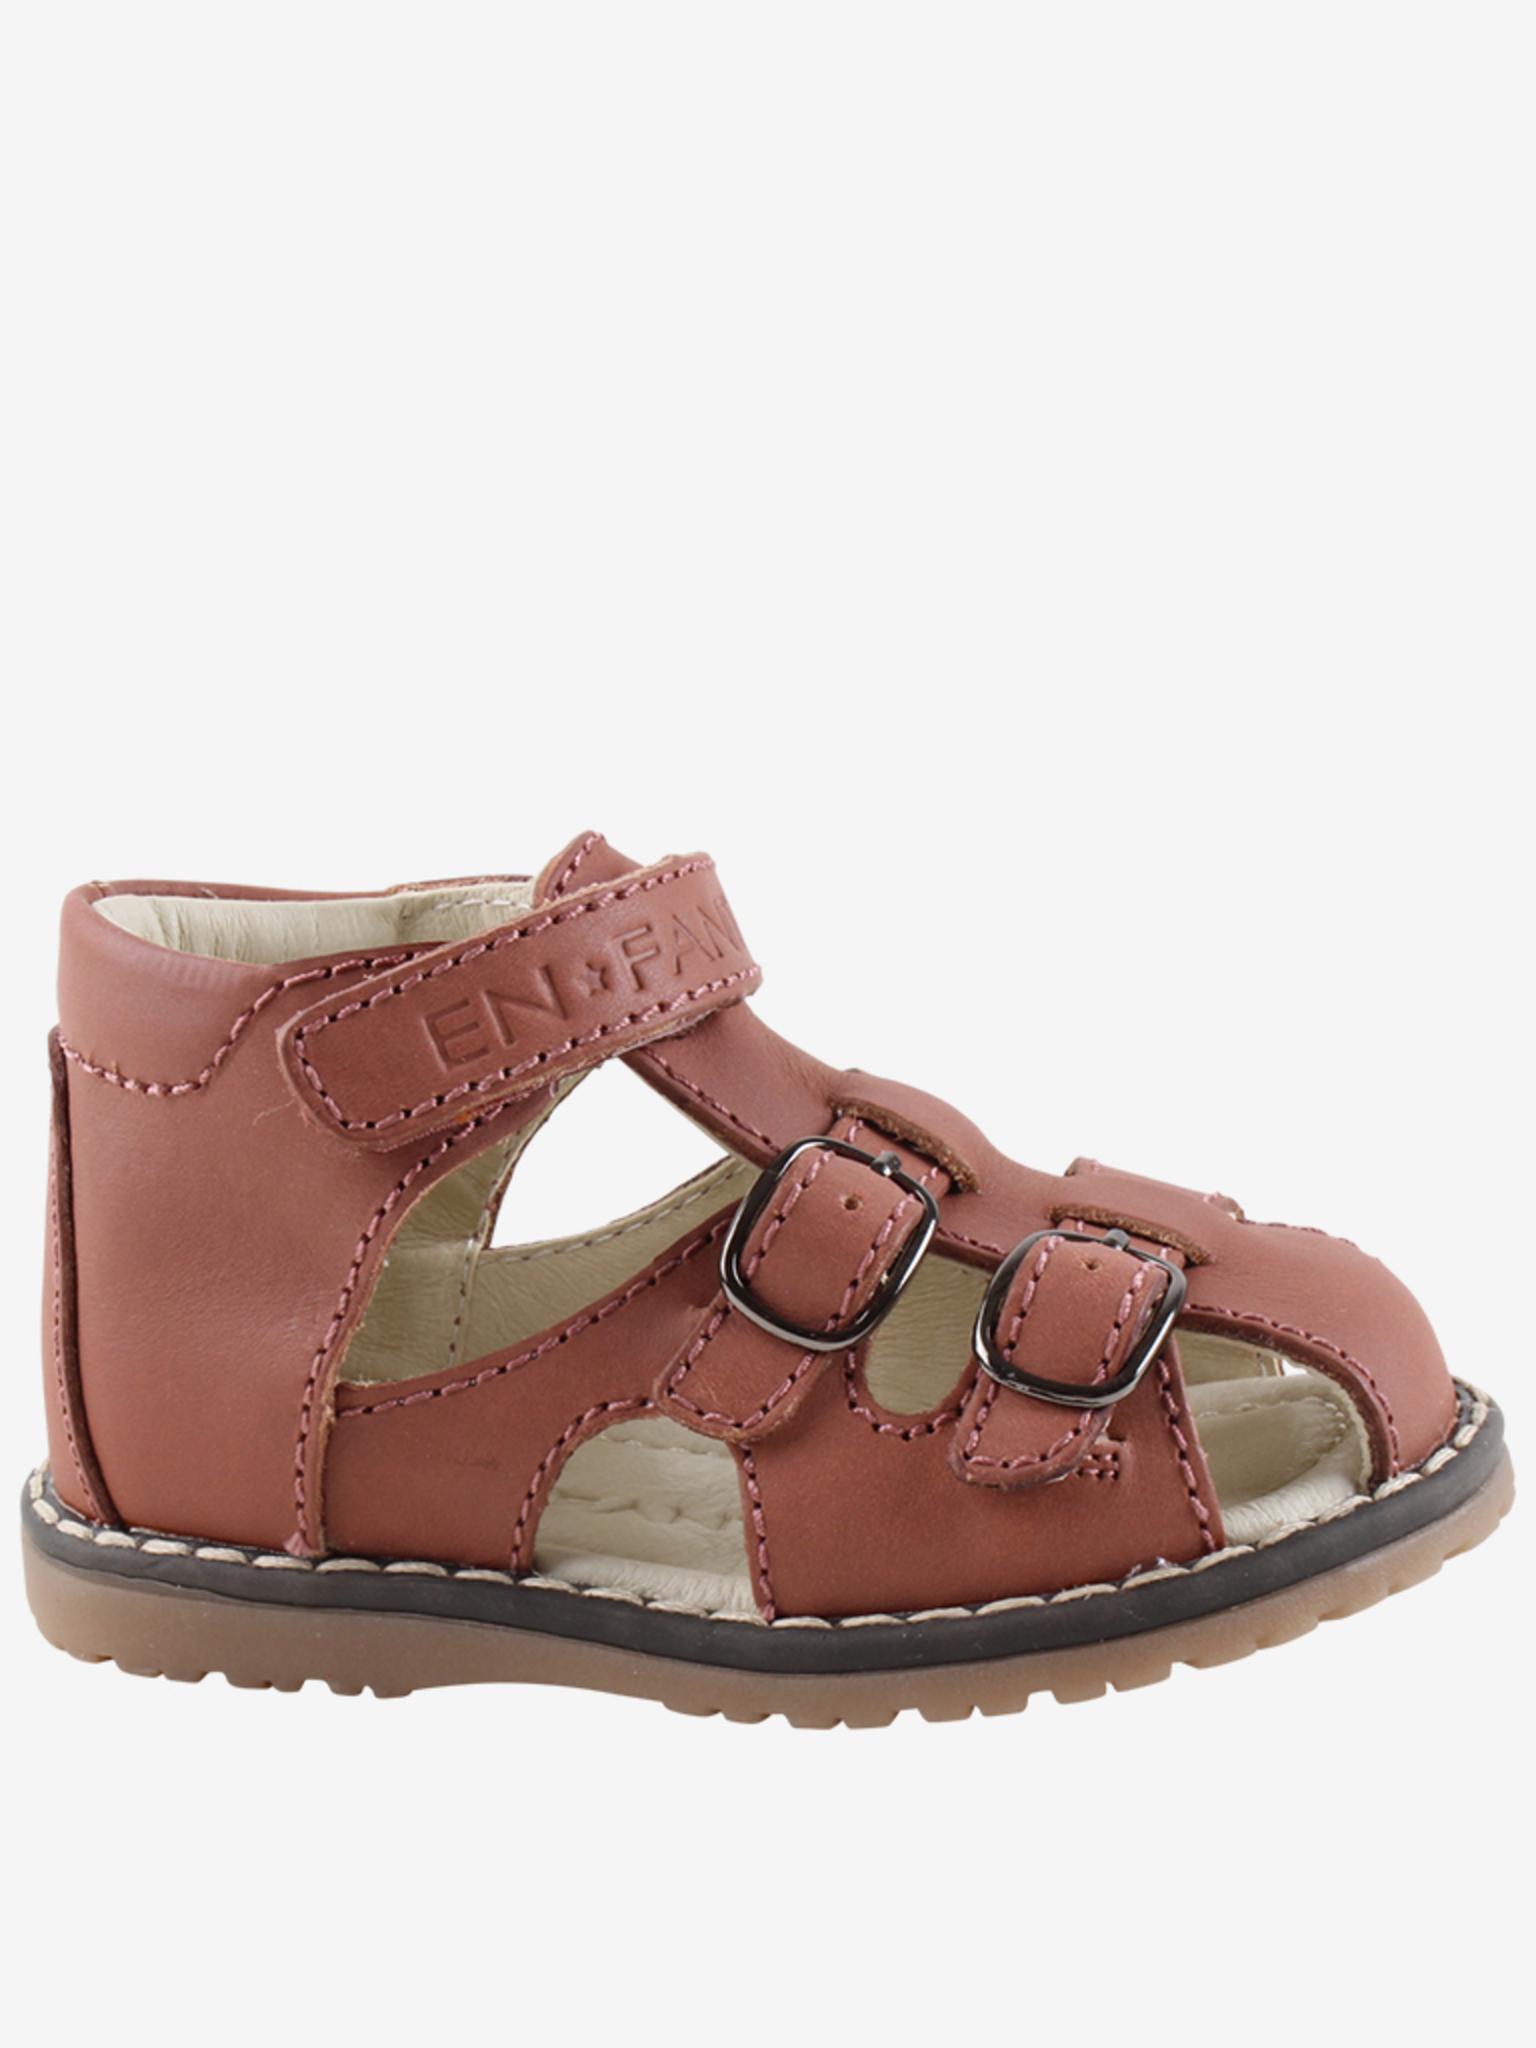 En Fant kojenecké kožené sandálky 815256 - 59